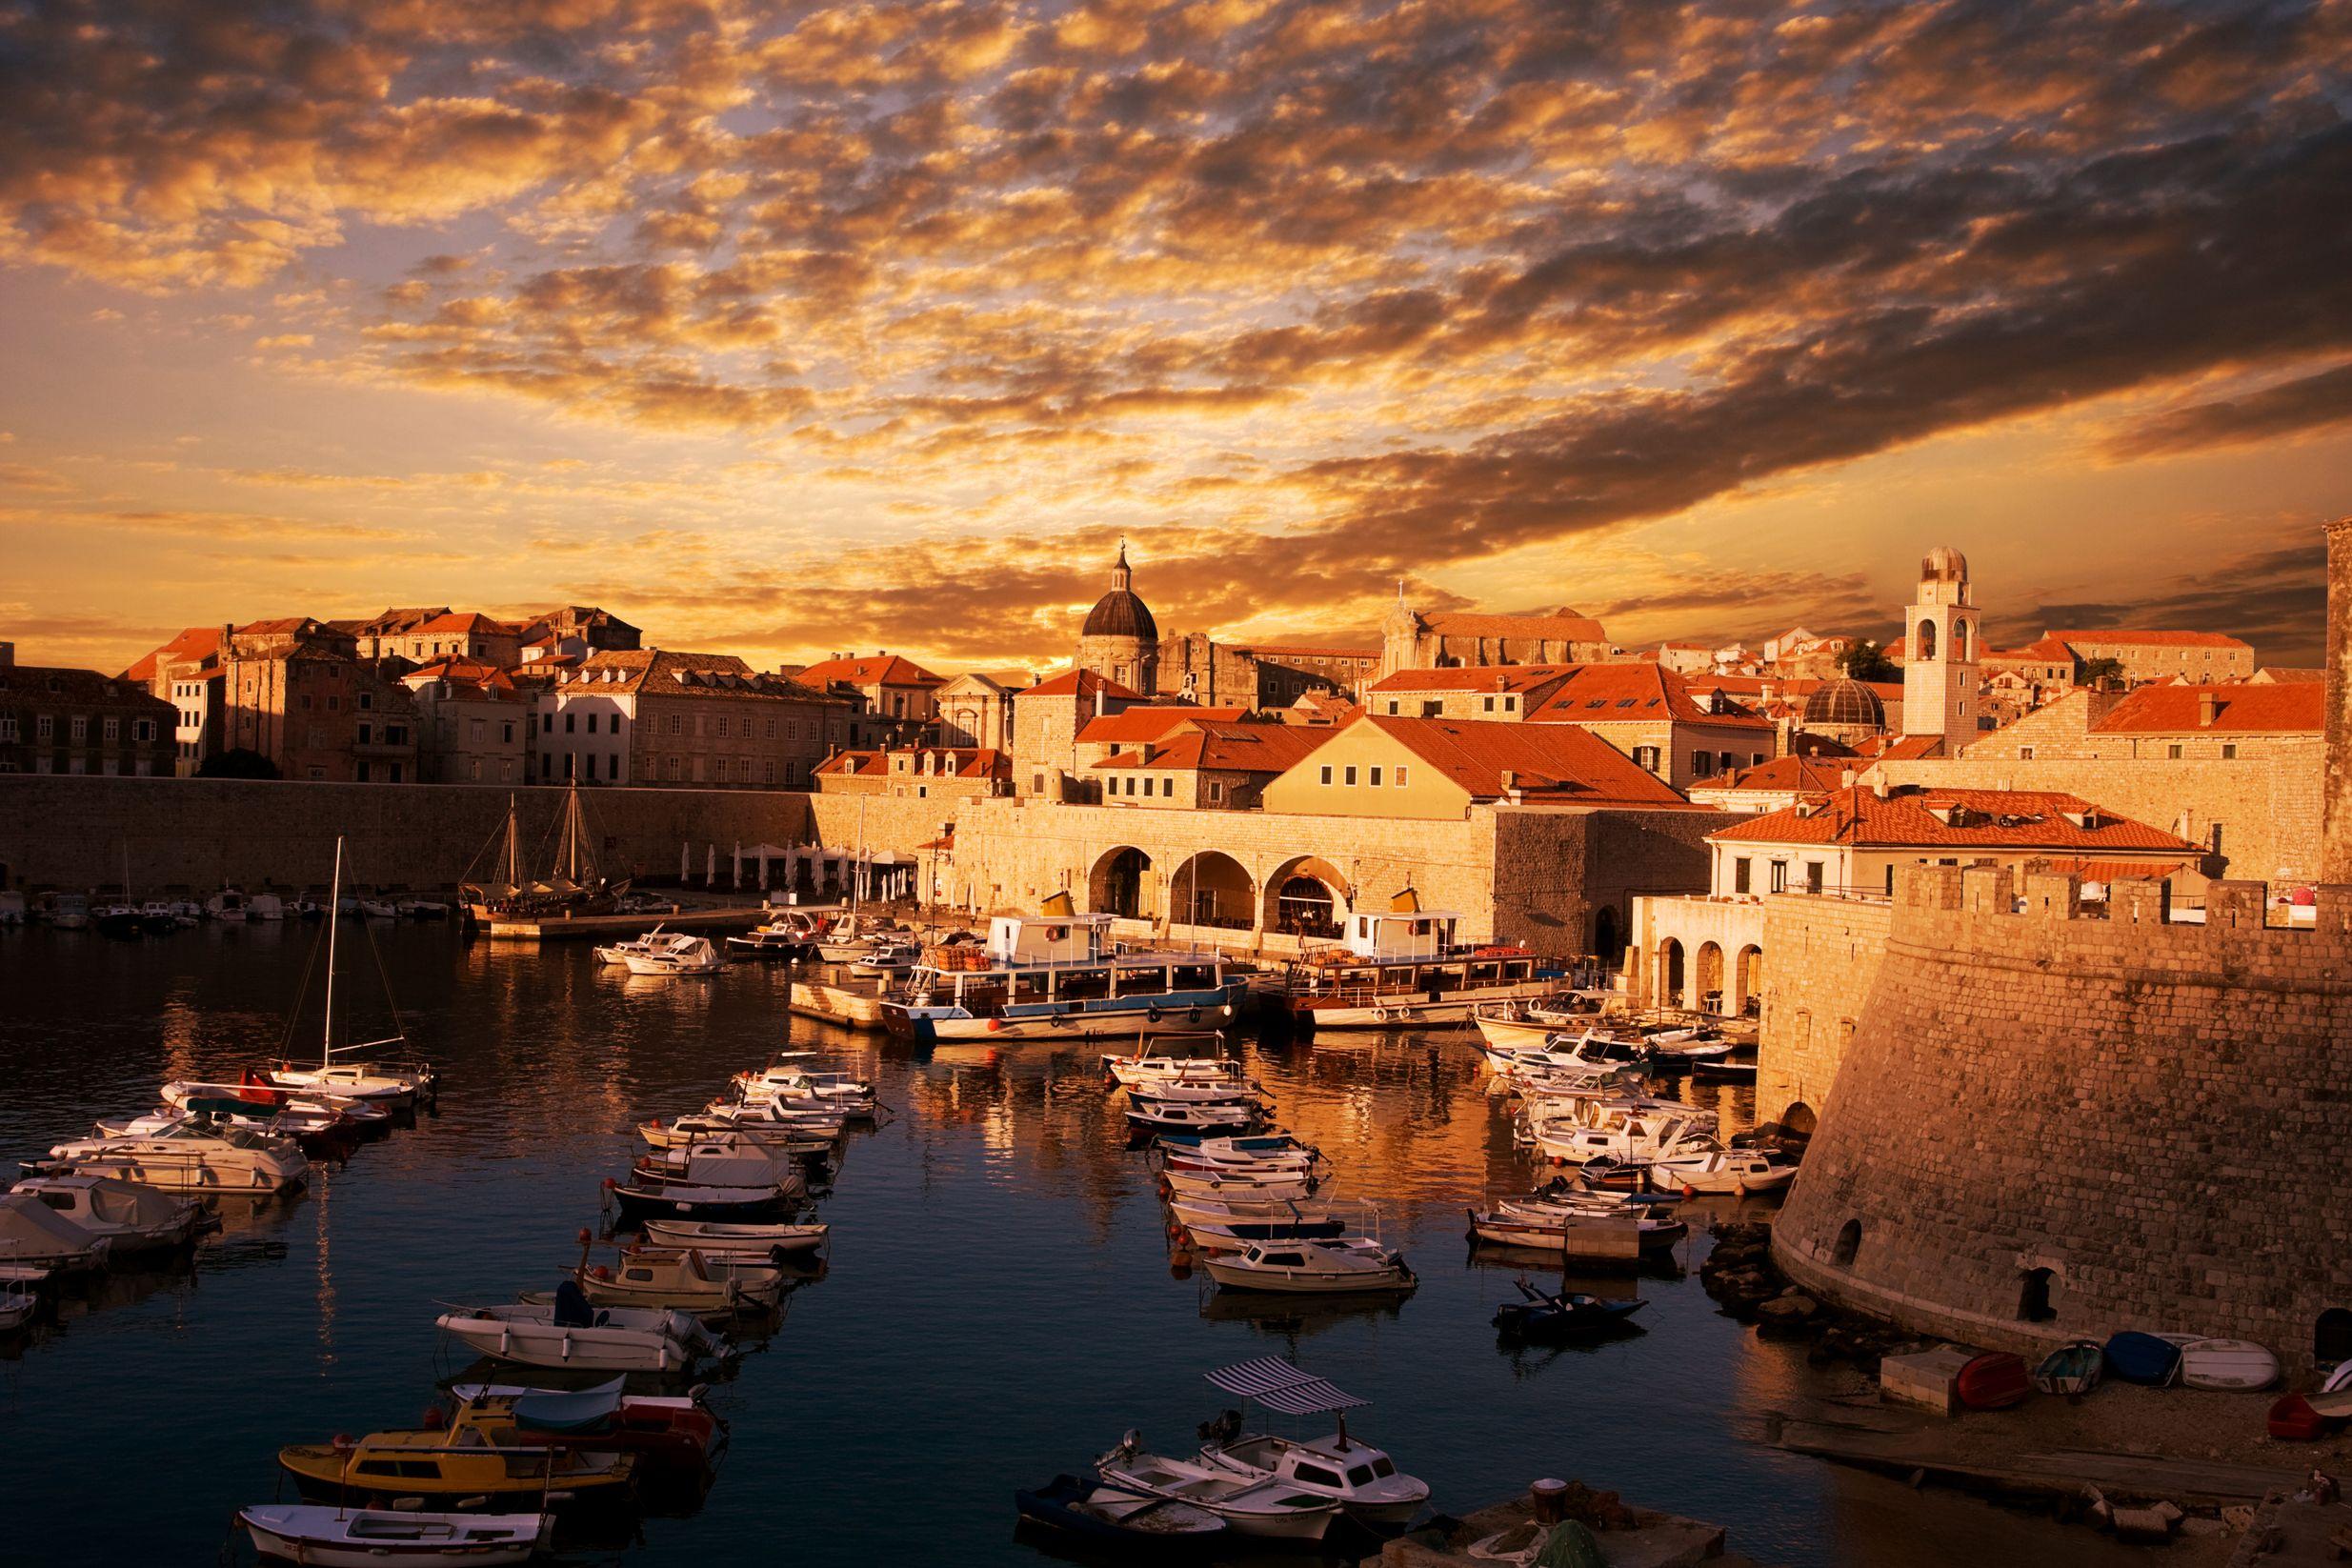 Ηλιοβασίλεμα στην Παλιά Πόλη του Ντουμπρόβνικ της Κροατίας